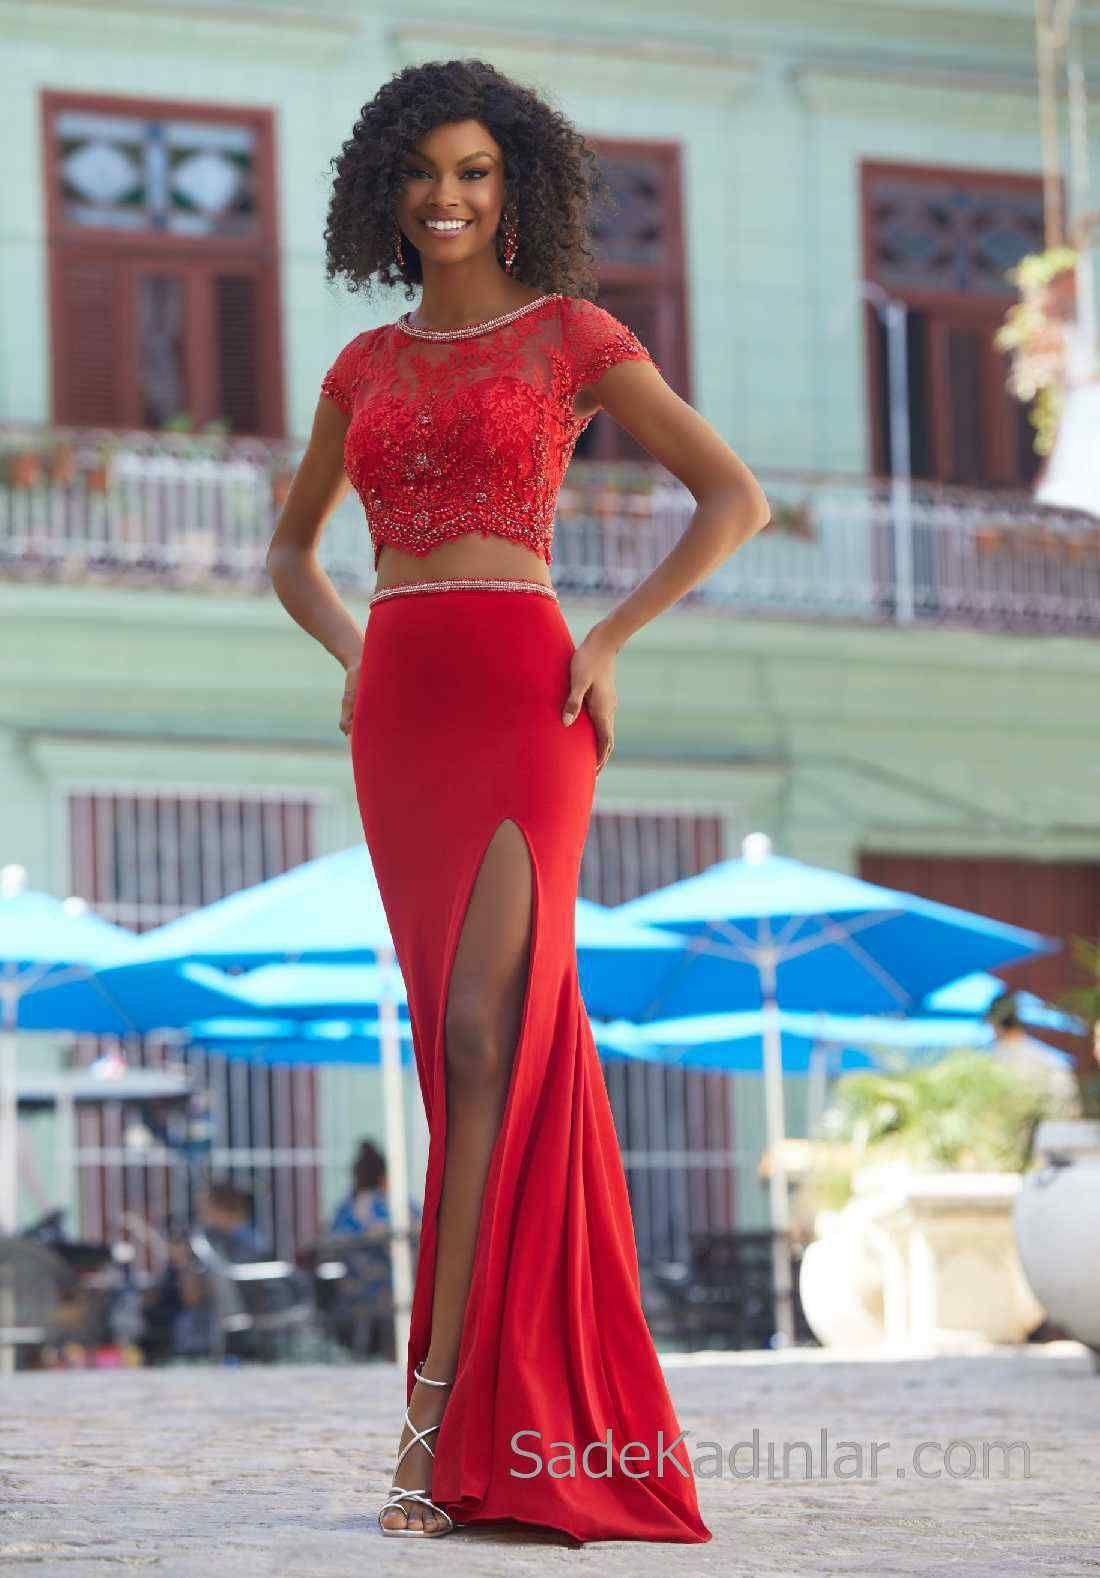 2020 Abiye Ve Gece Elbiseleri Sik Abiye Modelleri Kirmizi Uzun Iki Parca Derin Yirtmacli The Dress Balo Elbiseleri Mezunlar Gecesi Elbiseleri